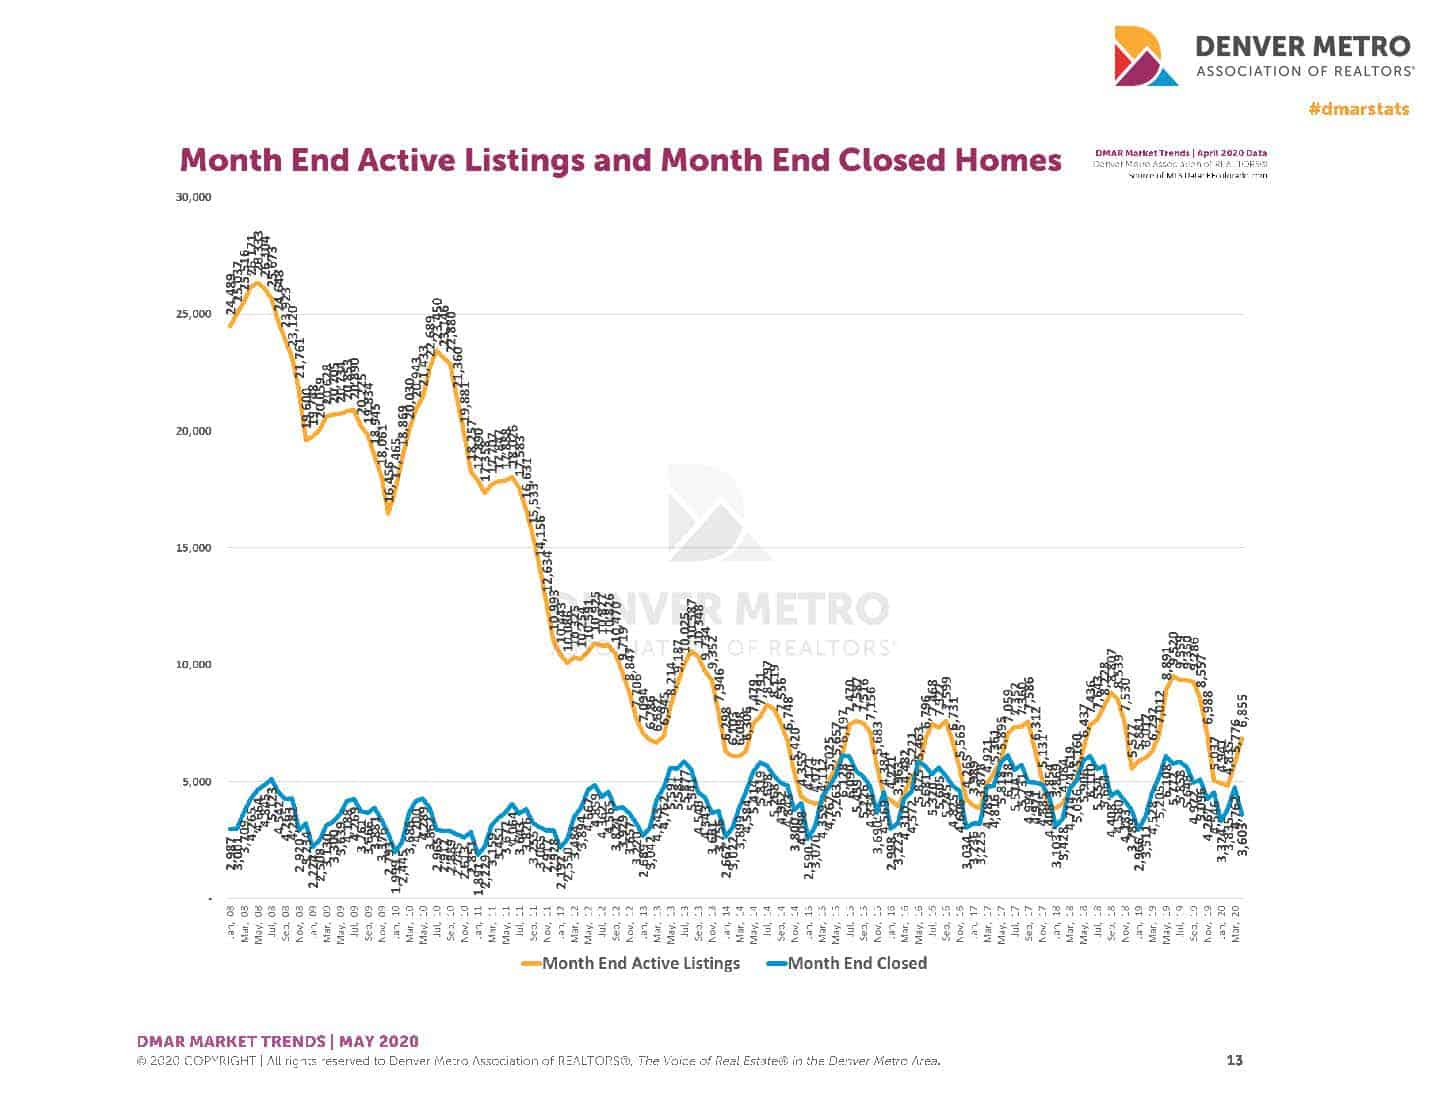 Sold vs Active Inventory 5-20 Metro Denver